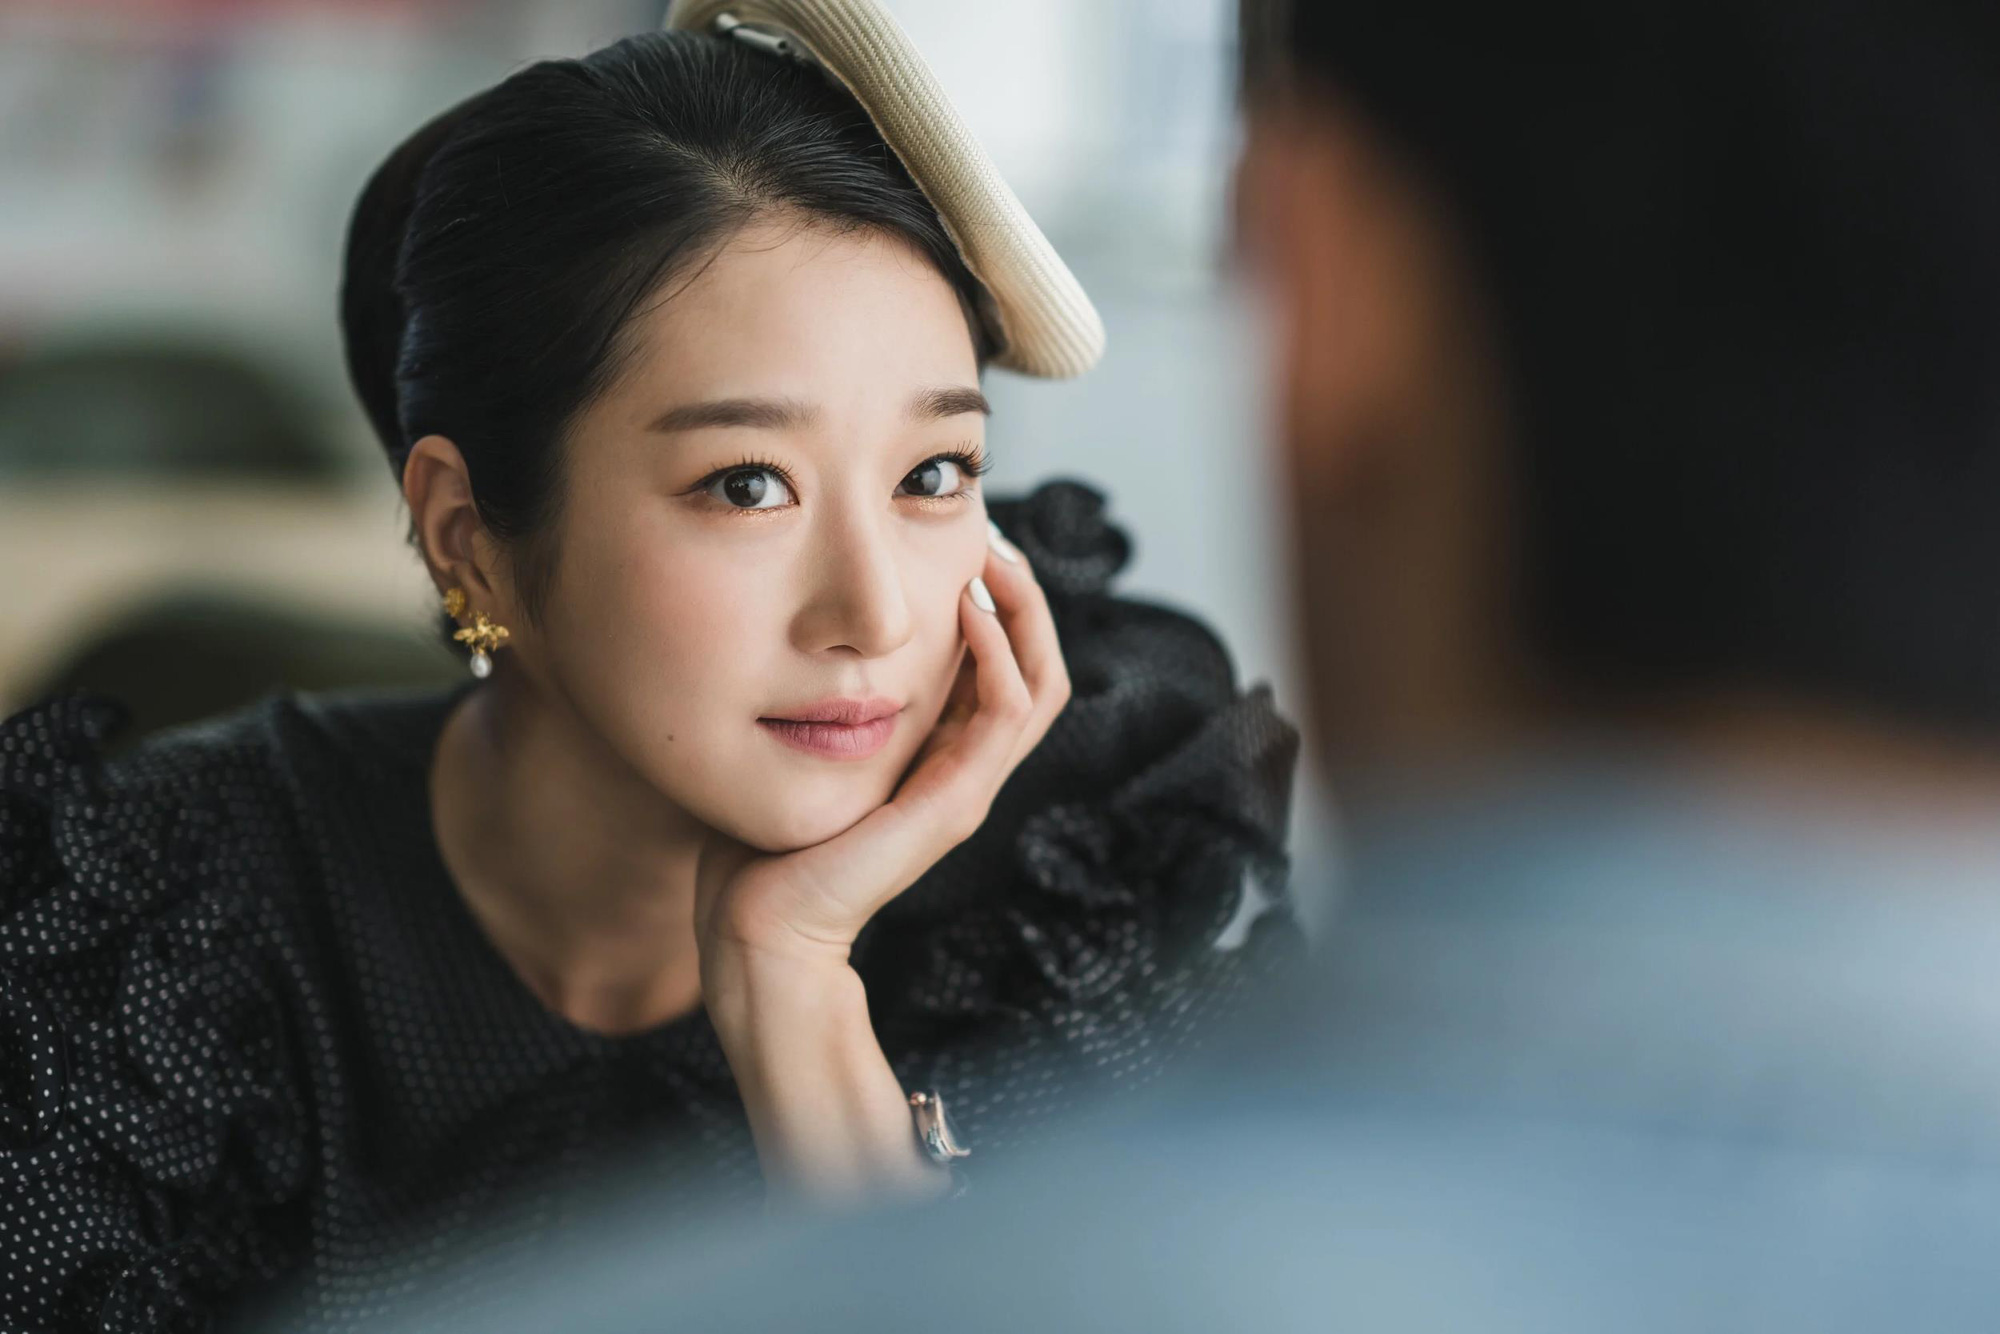 """3 hình tượng nhà văn có """"bệnh tâm thần"""" trên phim truyền hình Hàn Quốc - Ảnh 3."""